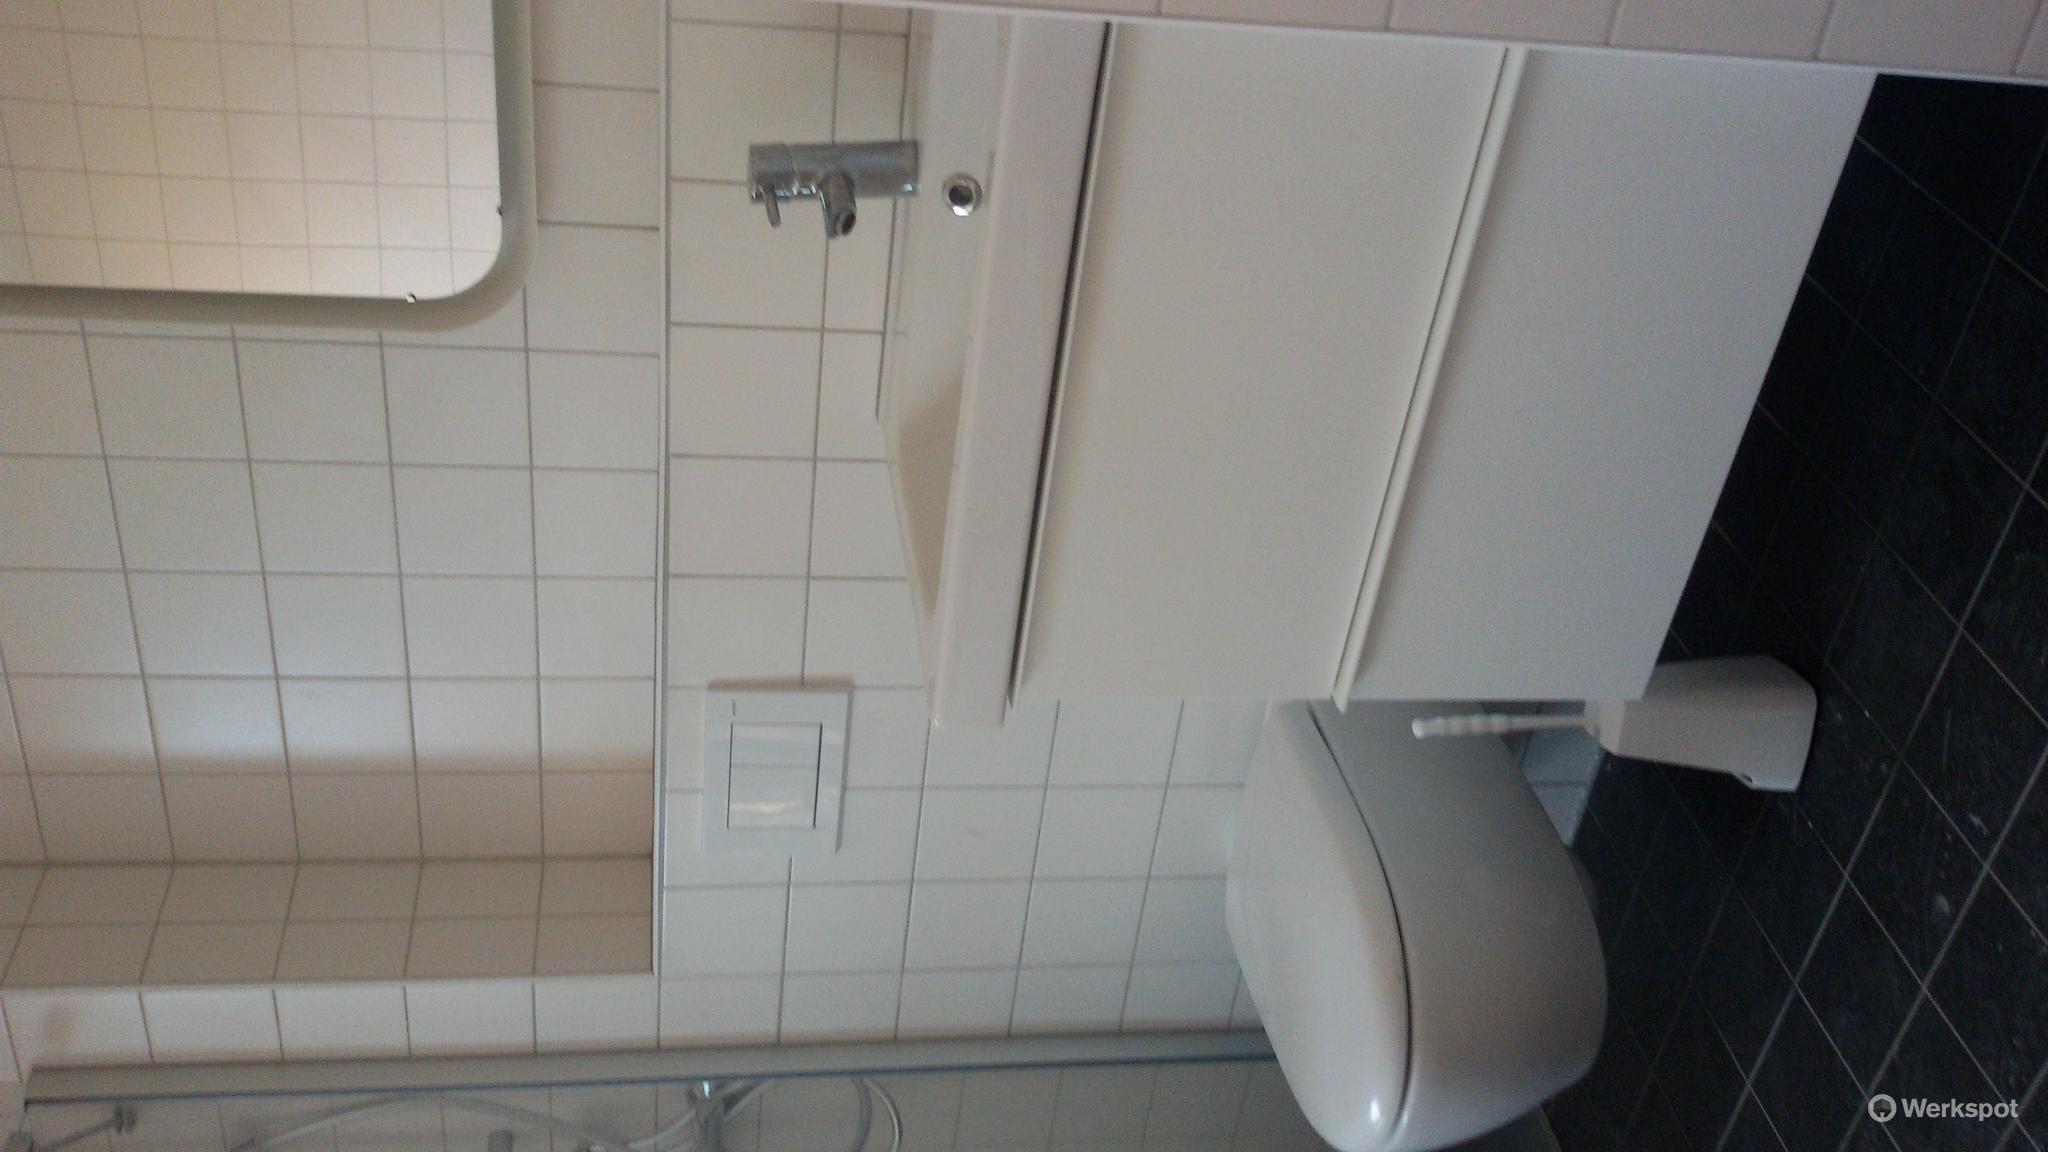 Badkamer Verplaatsen Kosten : Badkamer verbouwen bad plaatsen toilet en wastafel verplaatsen